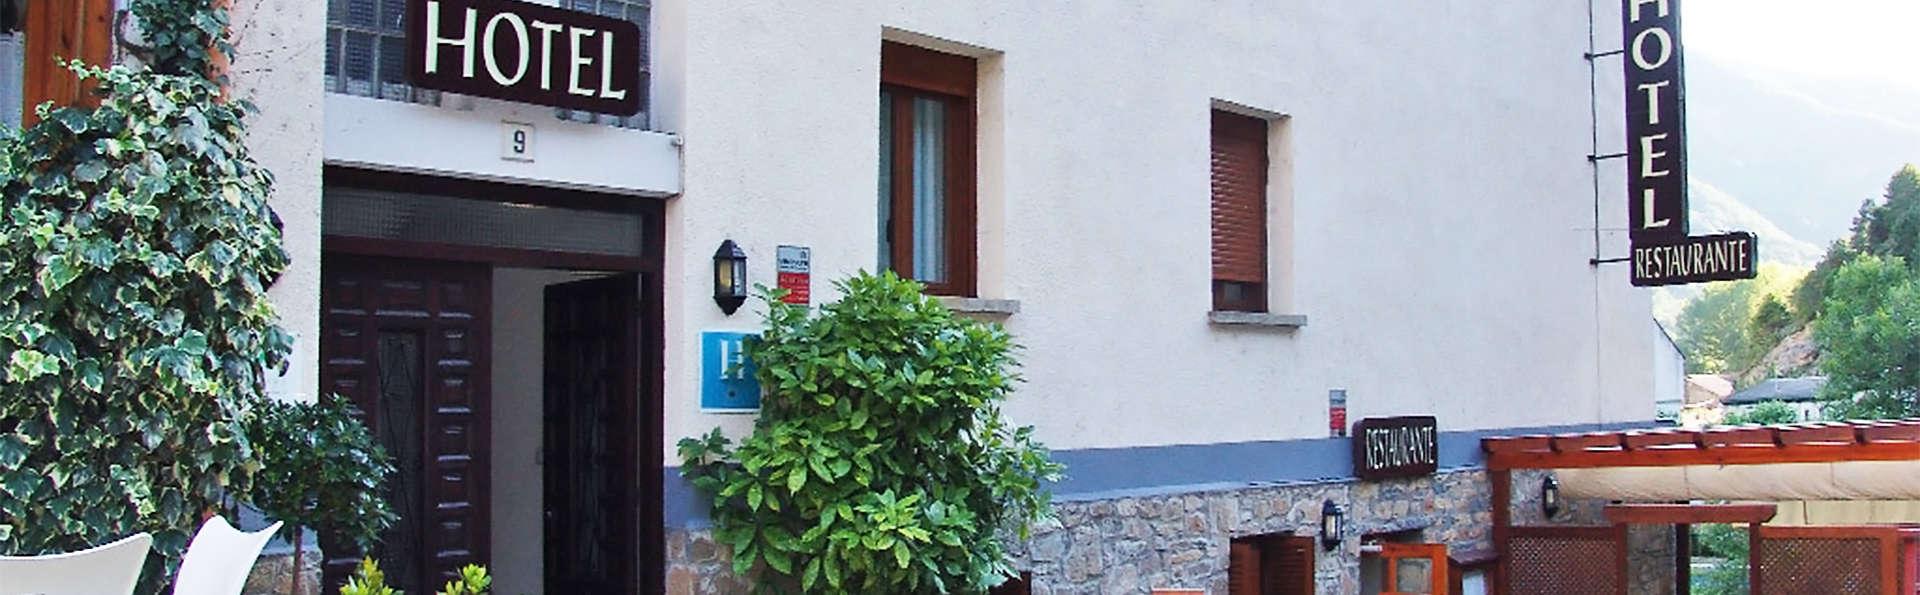 Hotel Badaín - EDIT_ext3.jpg